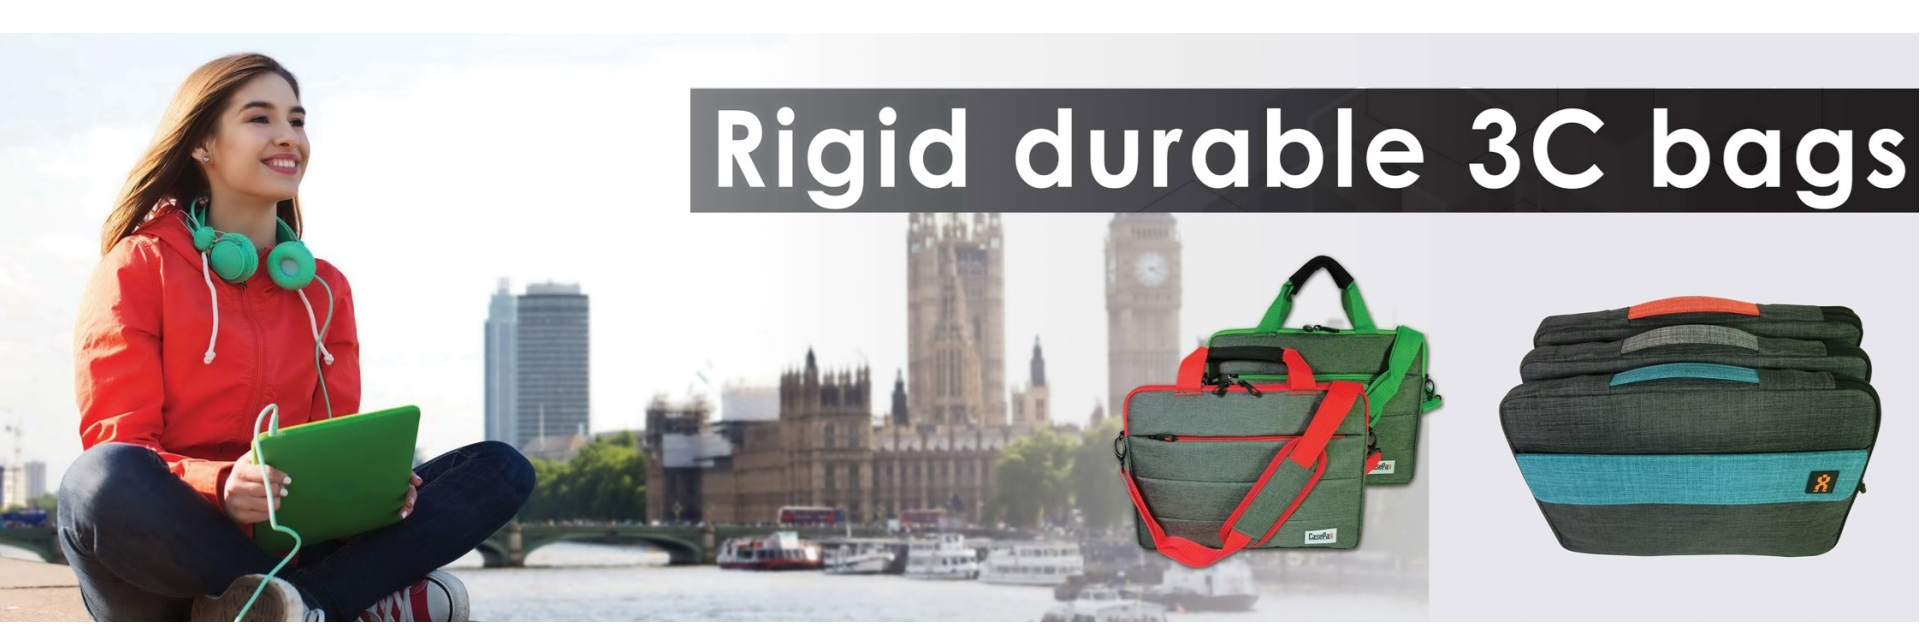 Rigid durable 3C bags